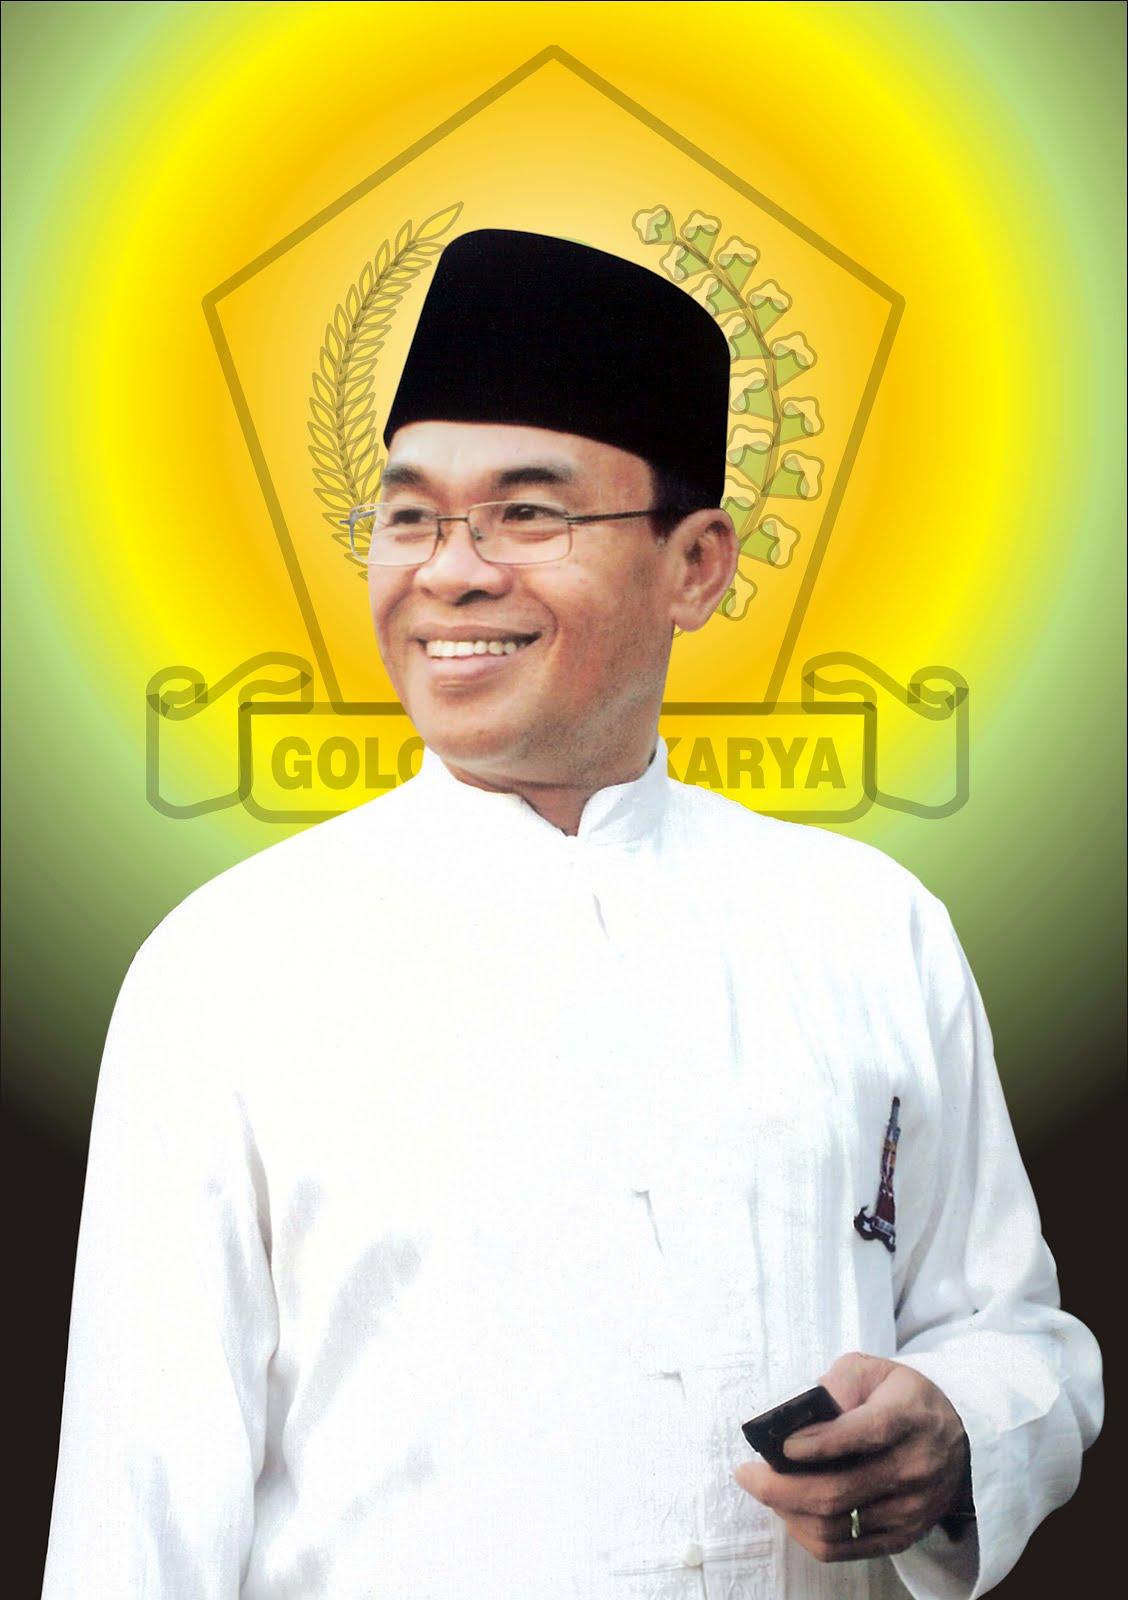 H. YUSUF NASIH S. Sos.,: Mengucapkan Selamat Menjalankan Ibadah Puasa Ramadhan 1433 Hijriah